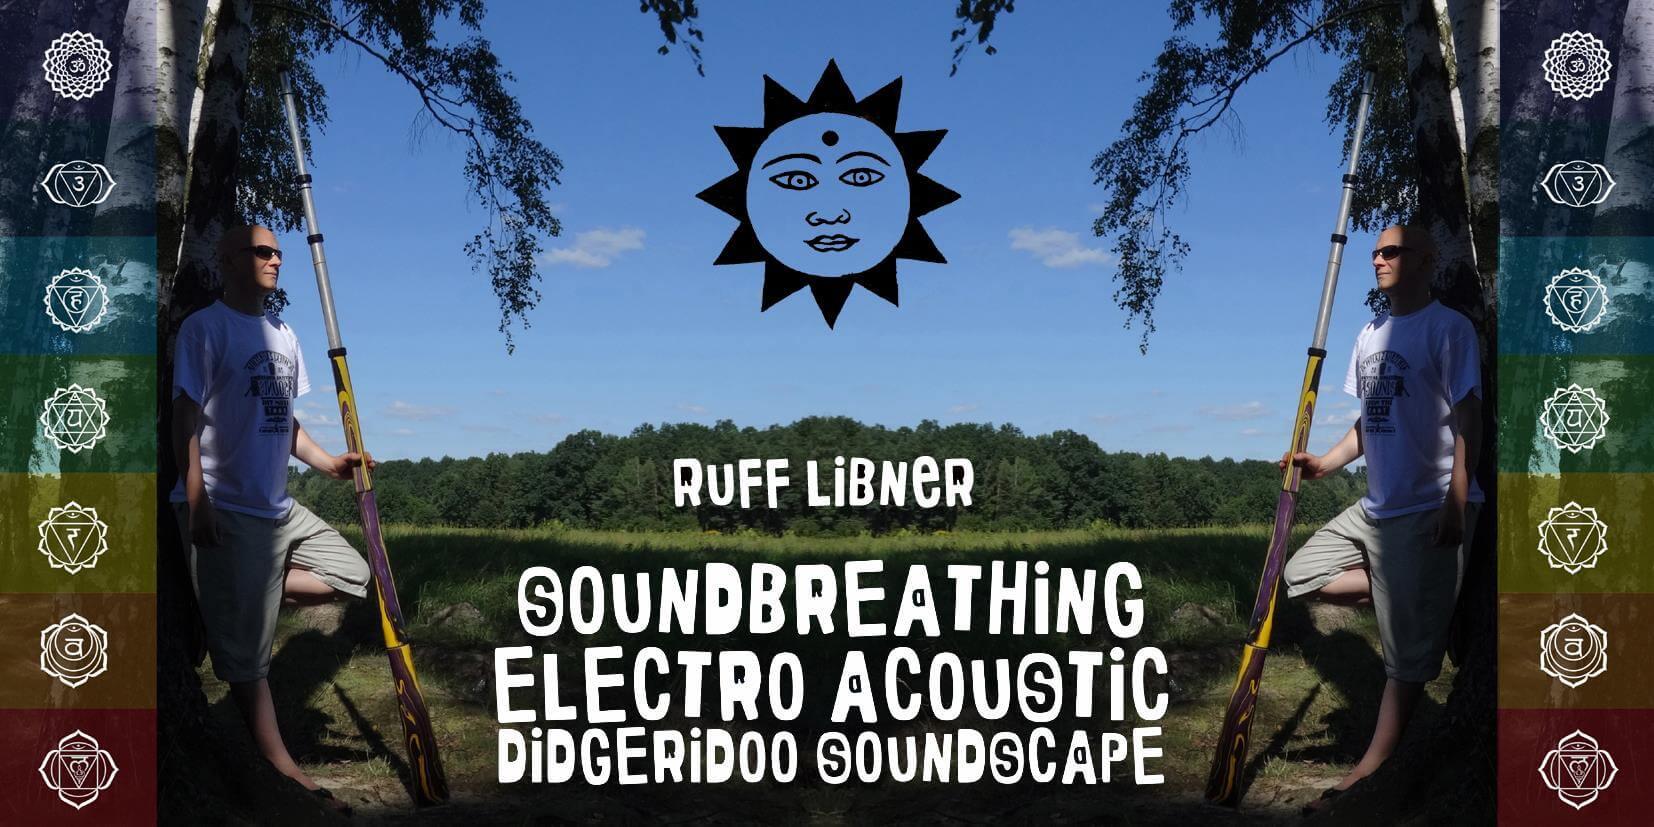 Ruff Libner_Oddychanie Dźwiękiem_Didgeridoo-Soundbreathing